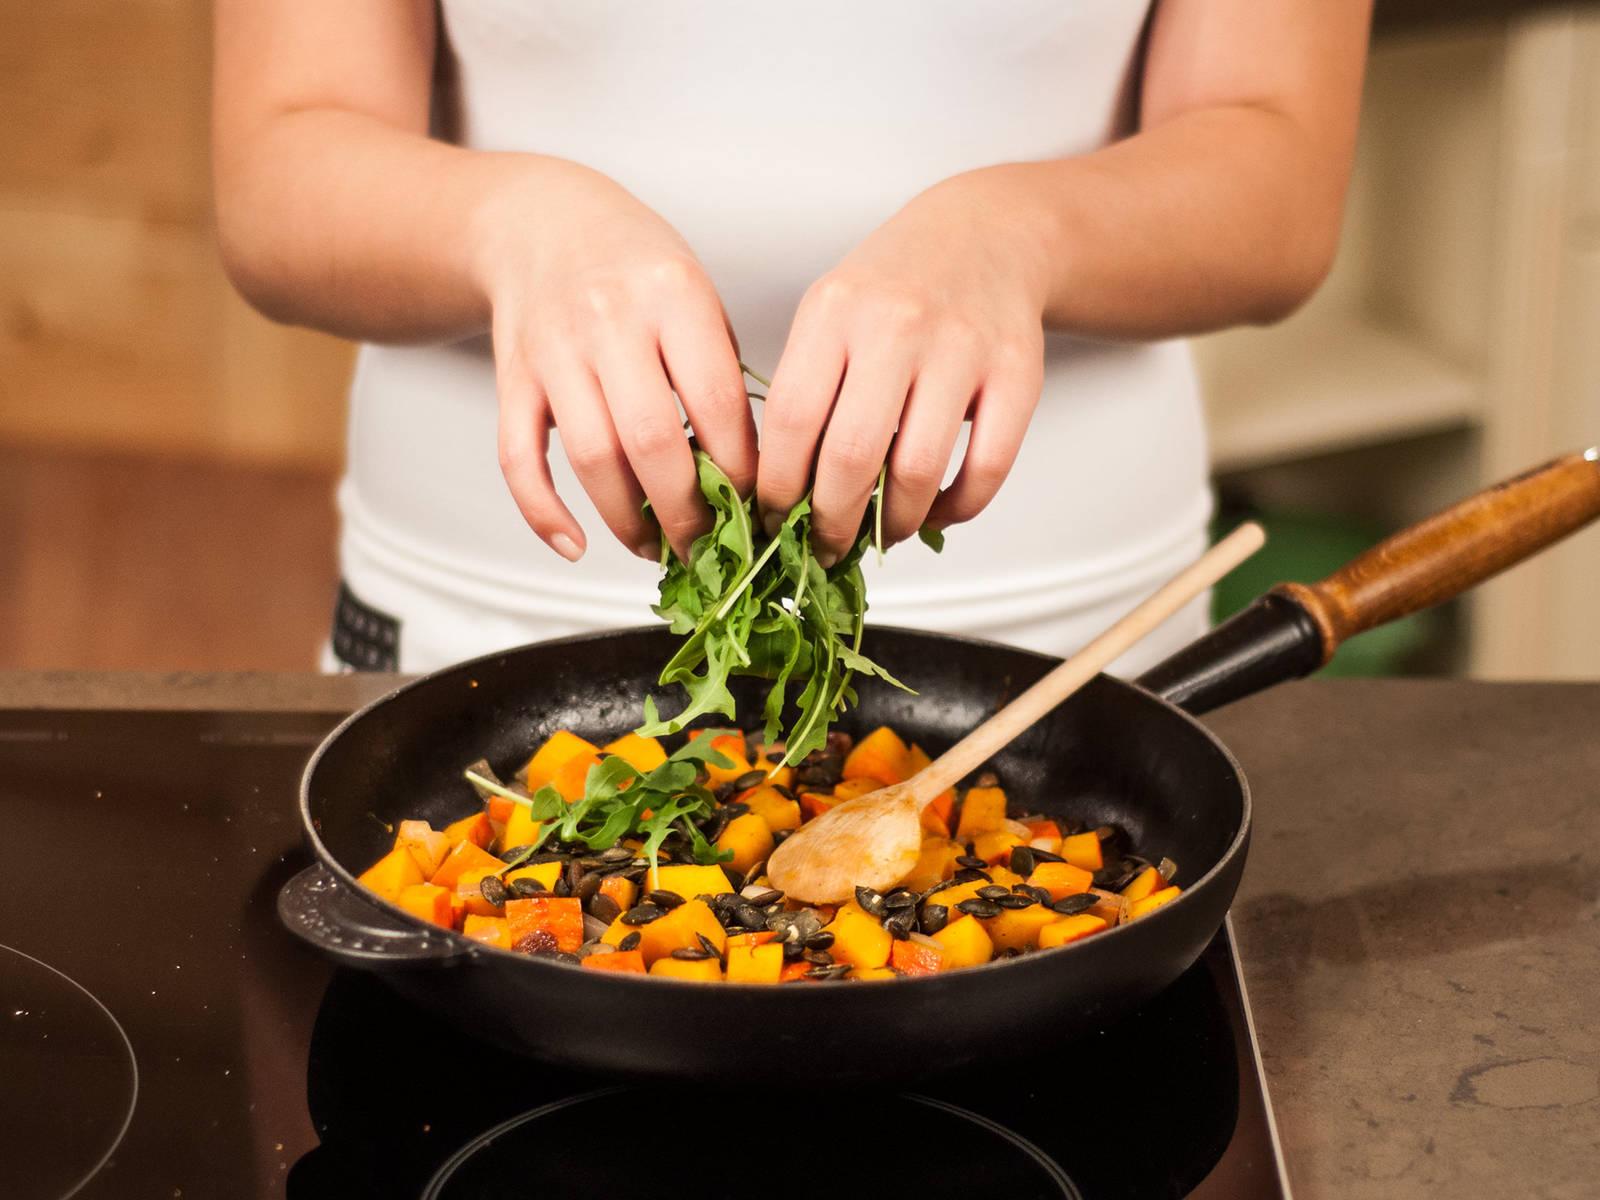 加入南瓜籽与芝麻菜,轻轻搅拌,混合均匀。再淋少许南瓜籽油,享用吧。